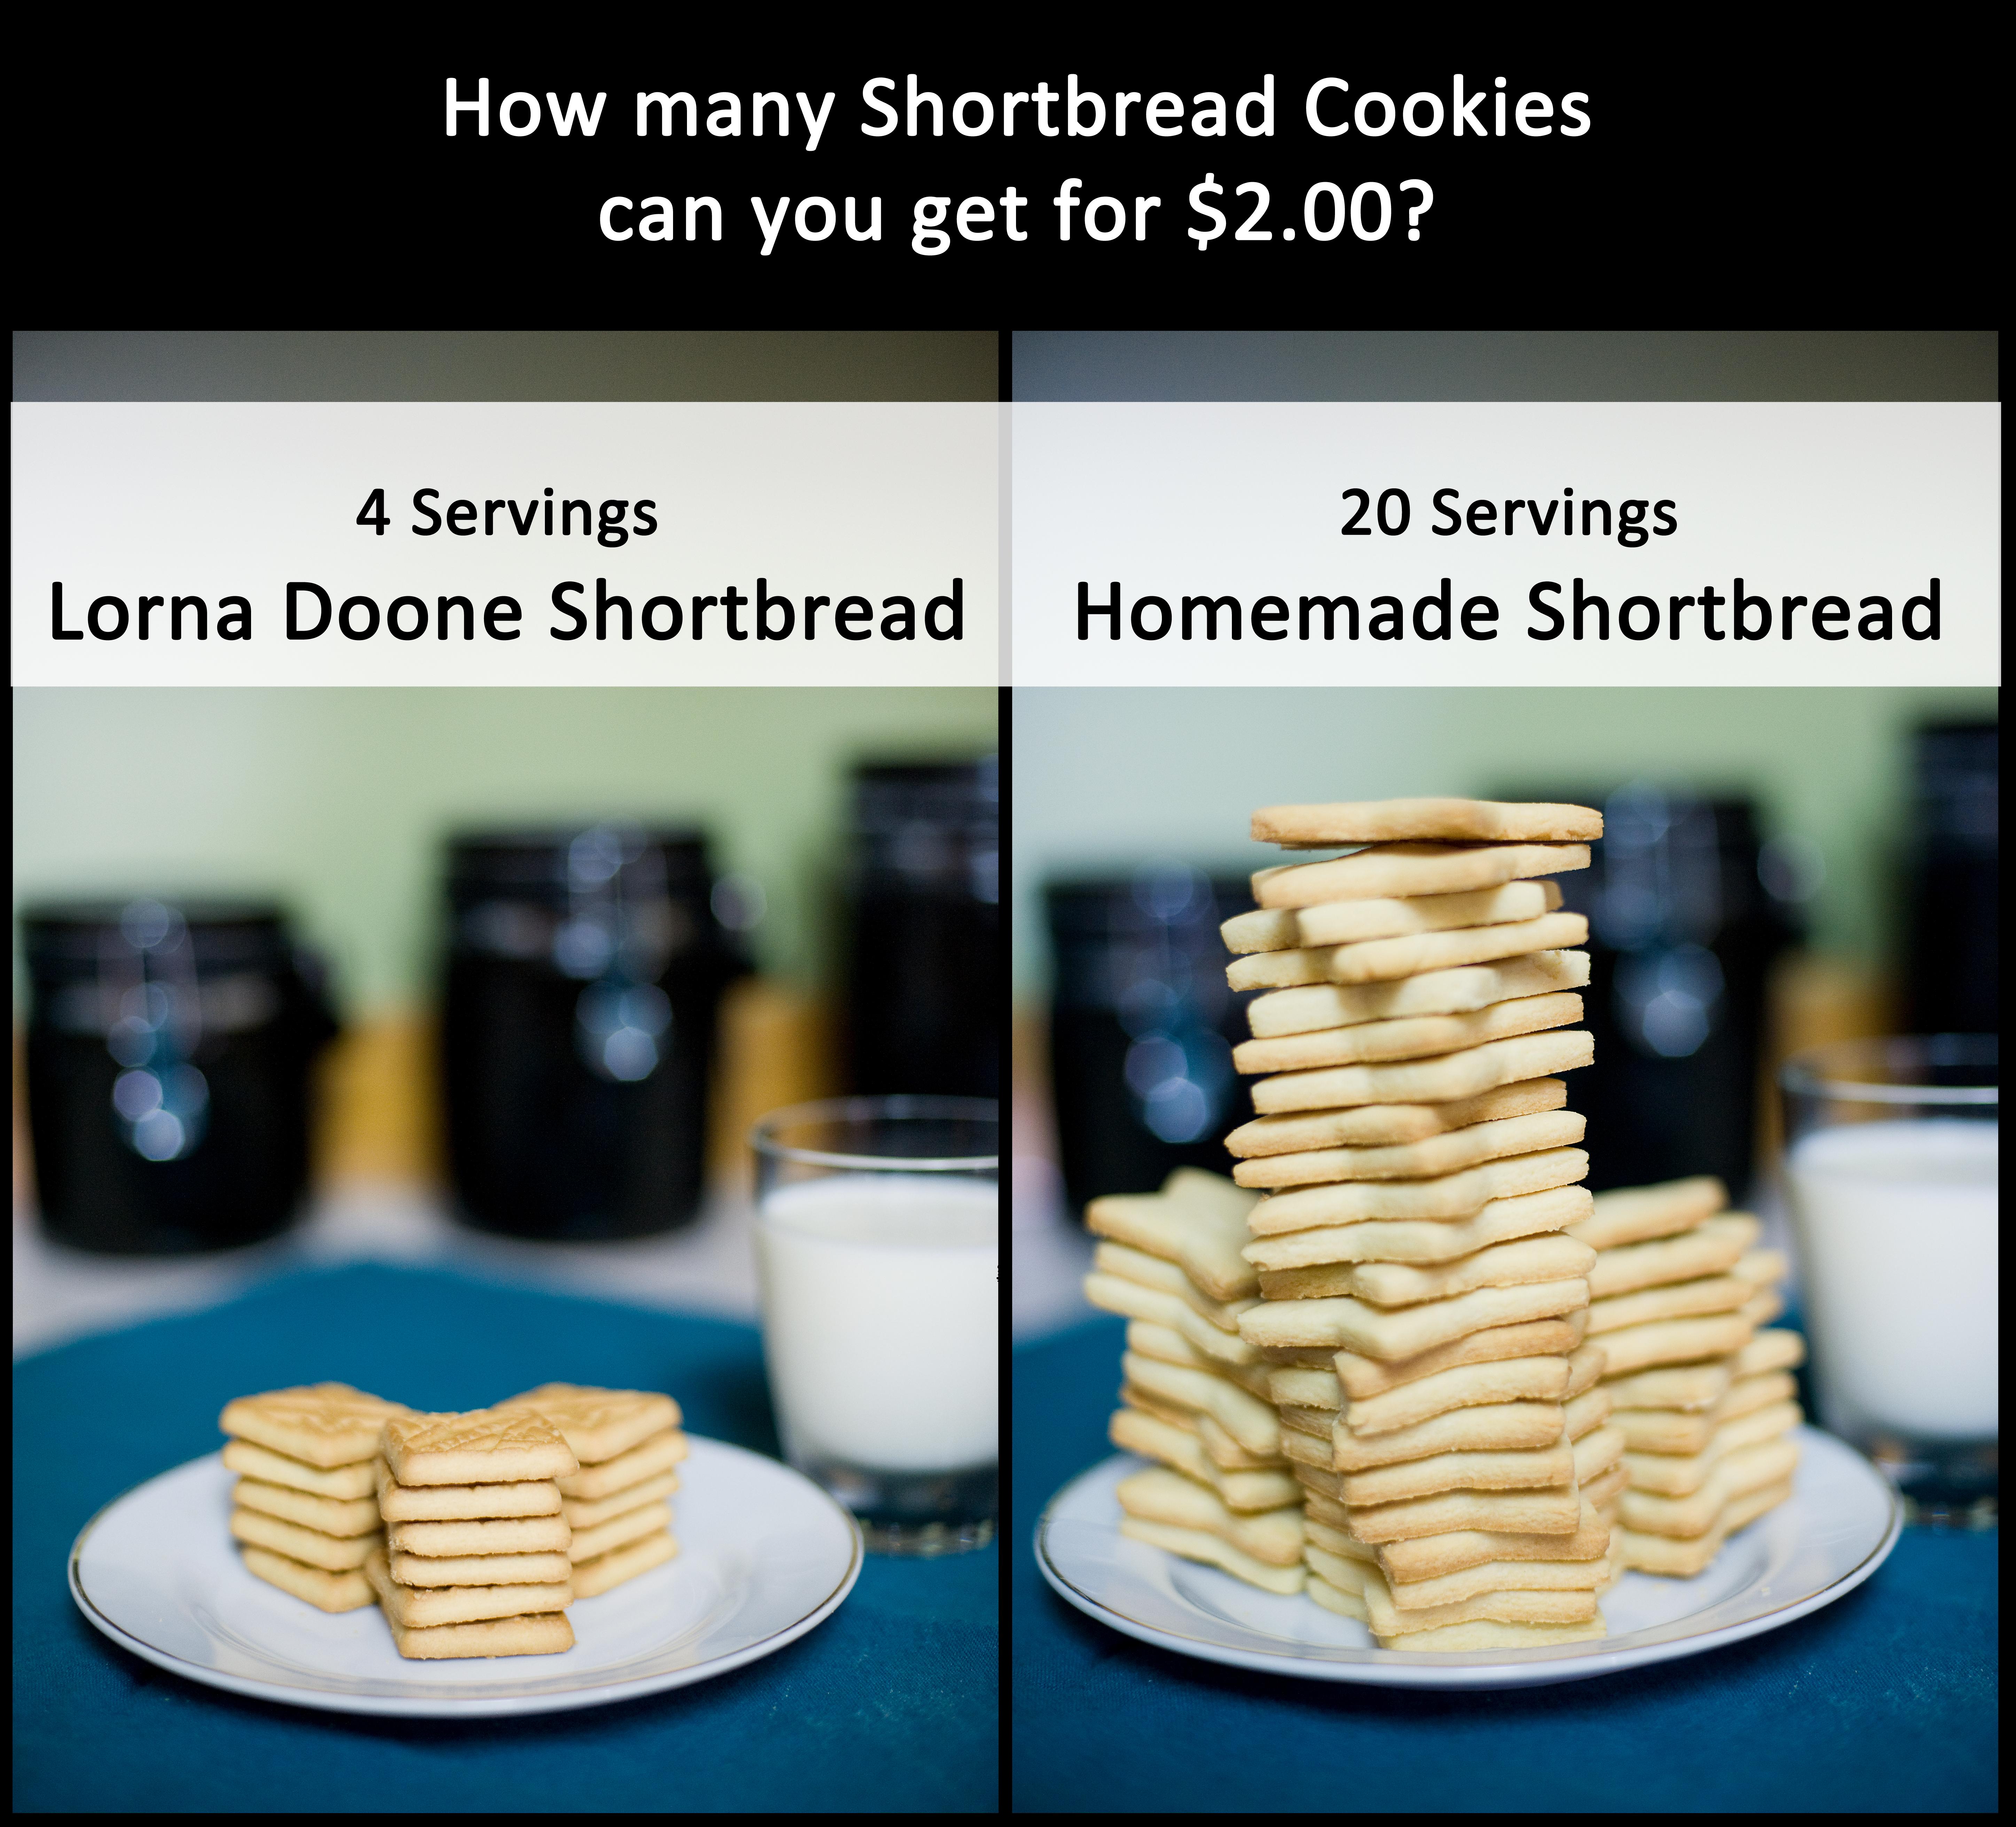 Lorna doone shortbread cookies recipes